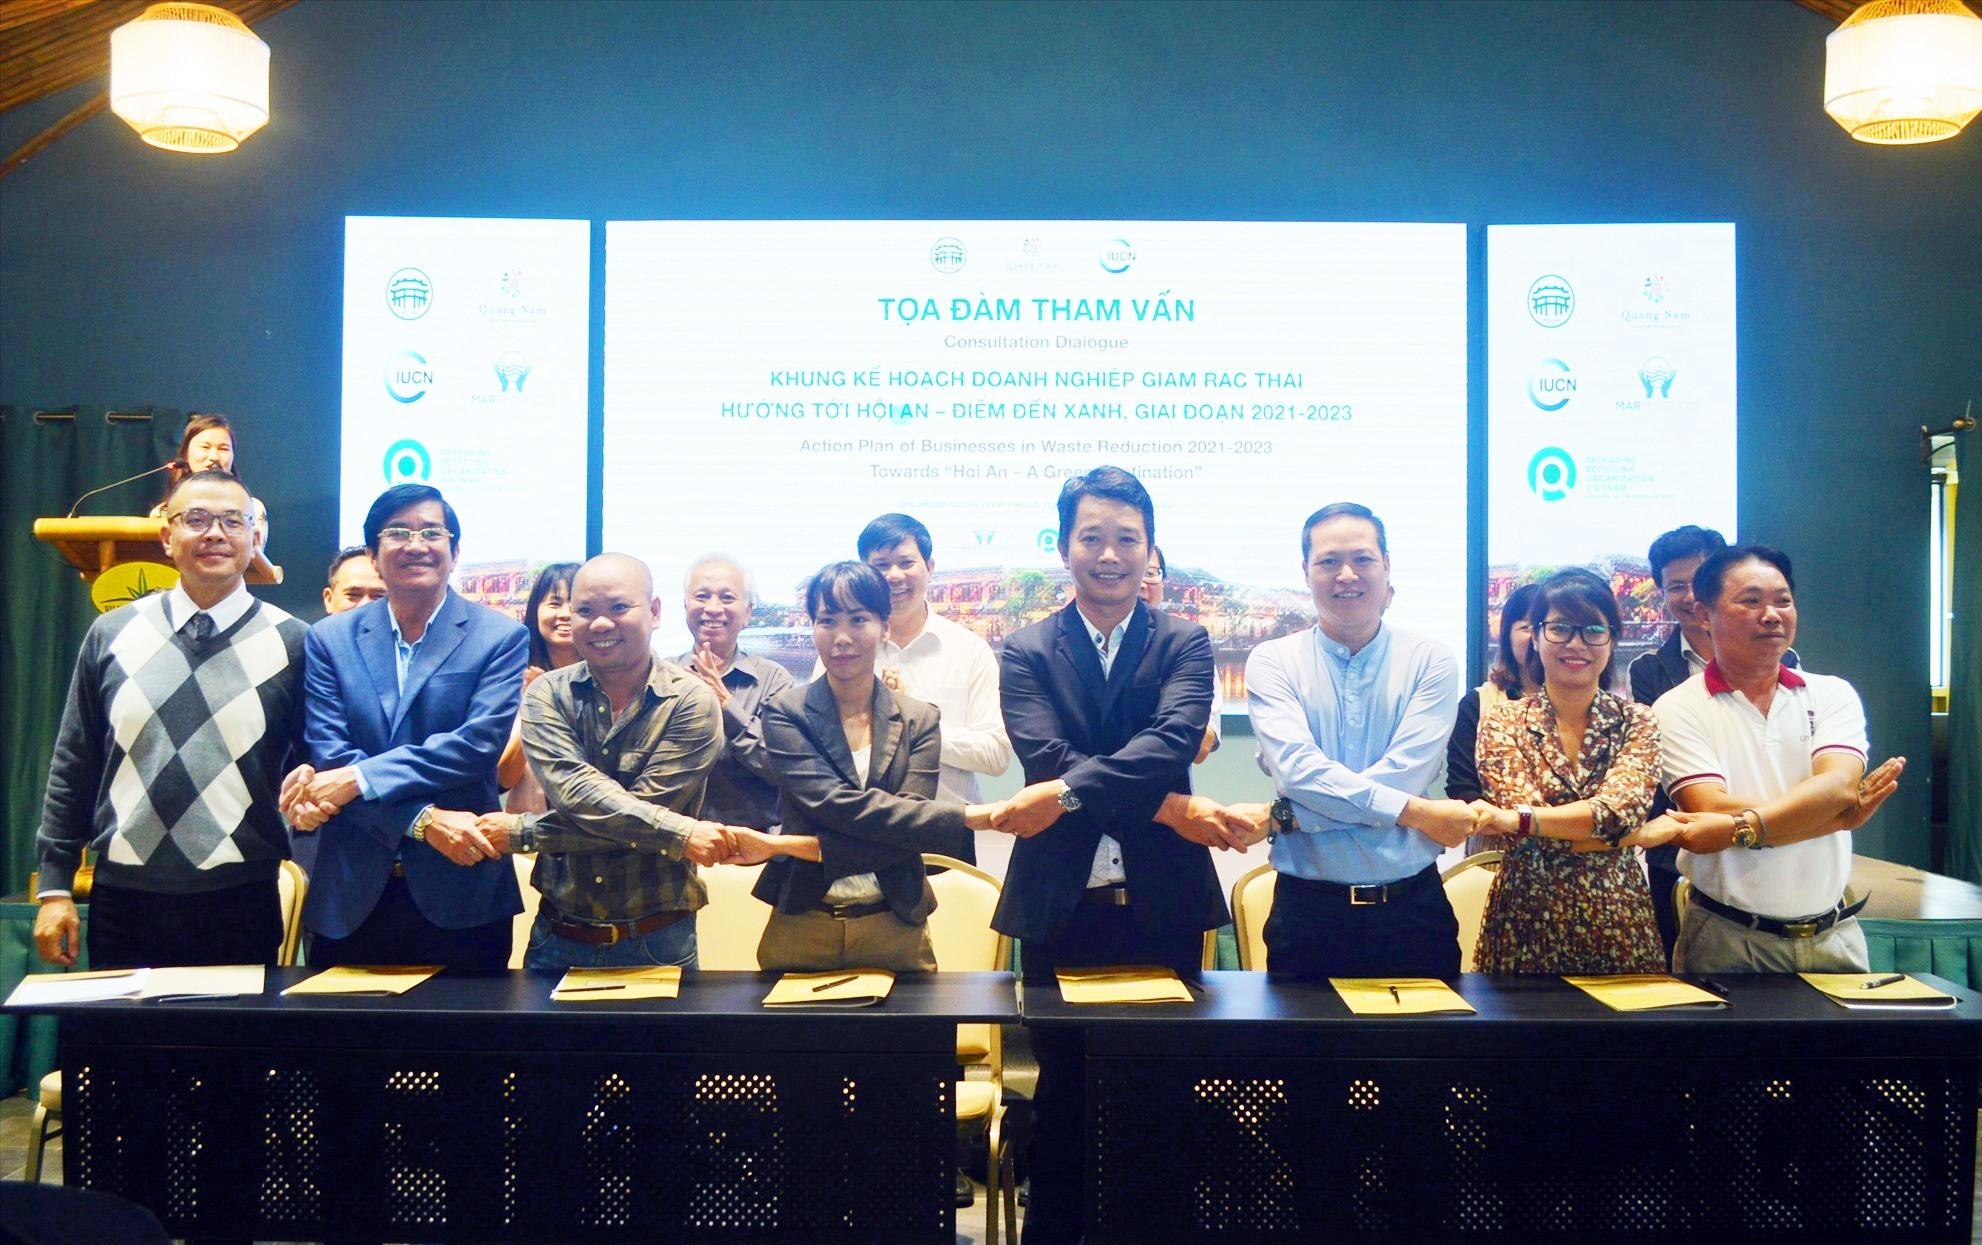 Doanh nghiệp du lịch Hội An cam kết không thải rác nhựa ra môi trường